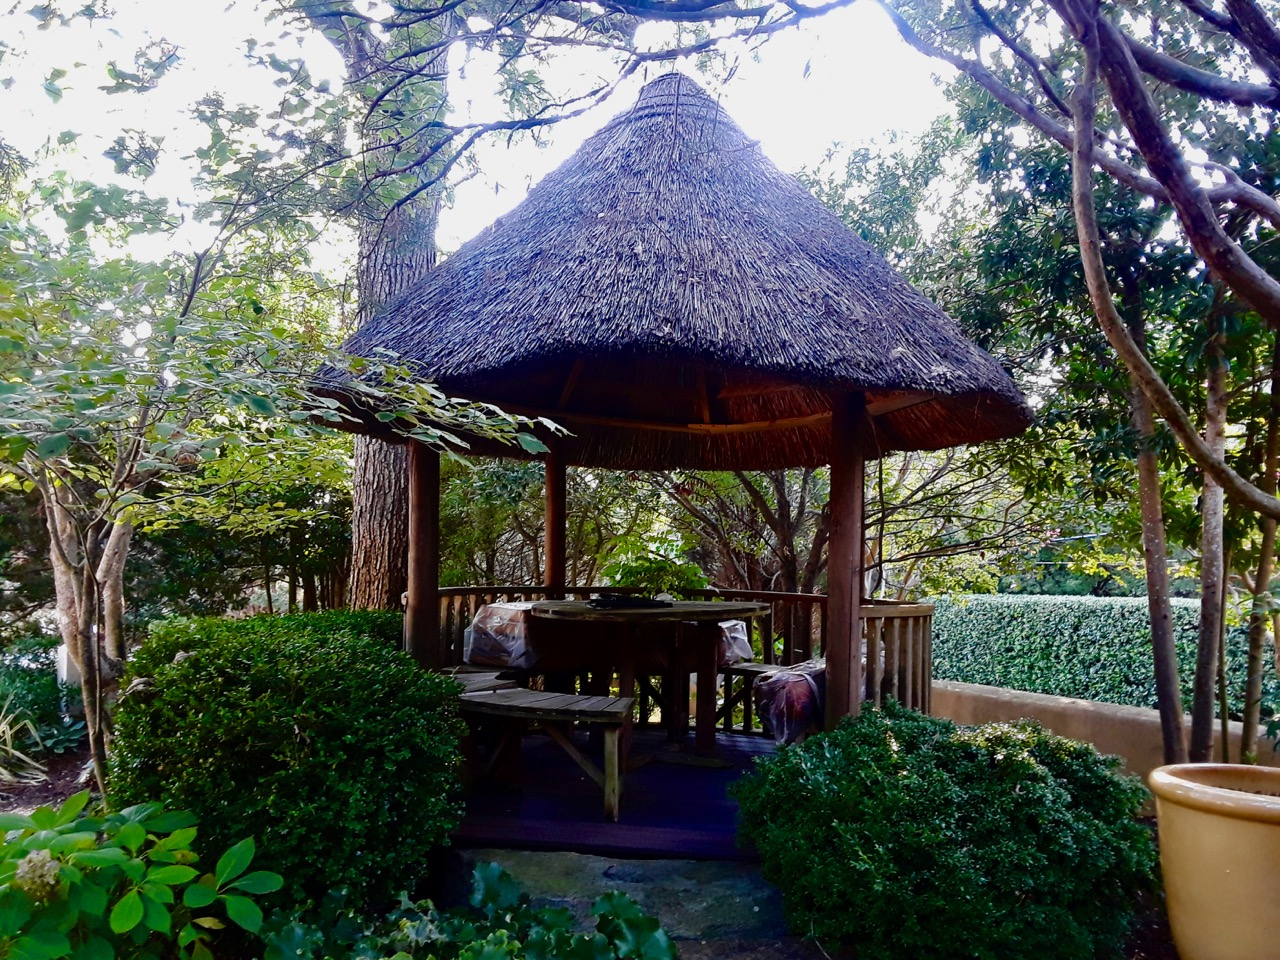 thatched gazebo